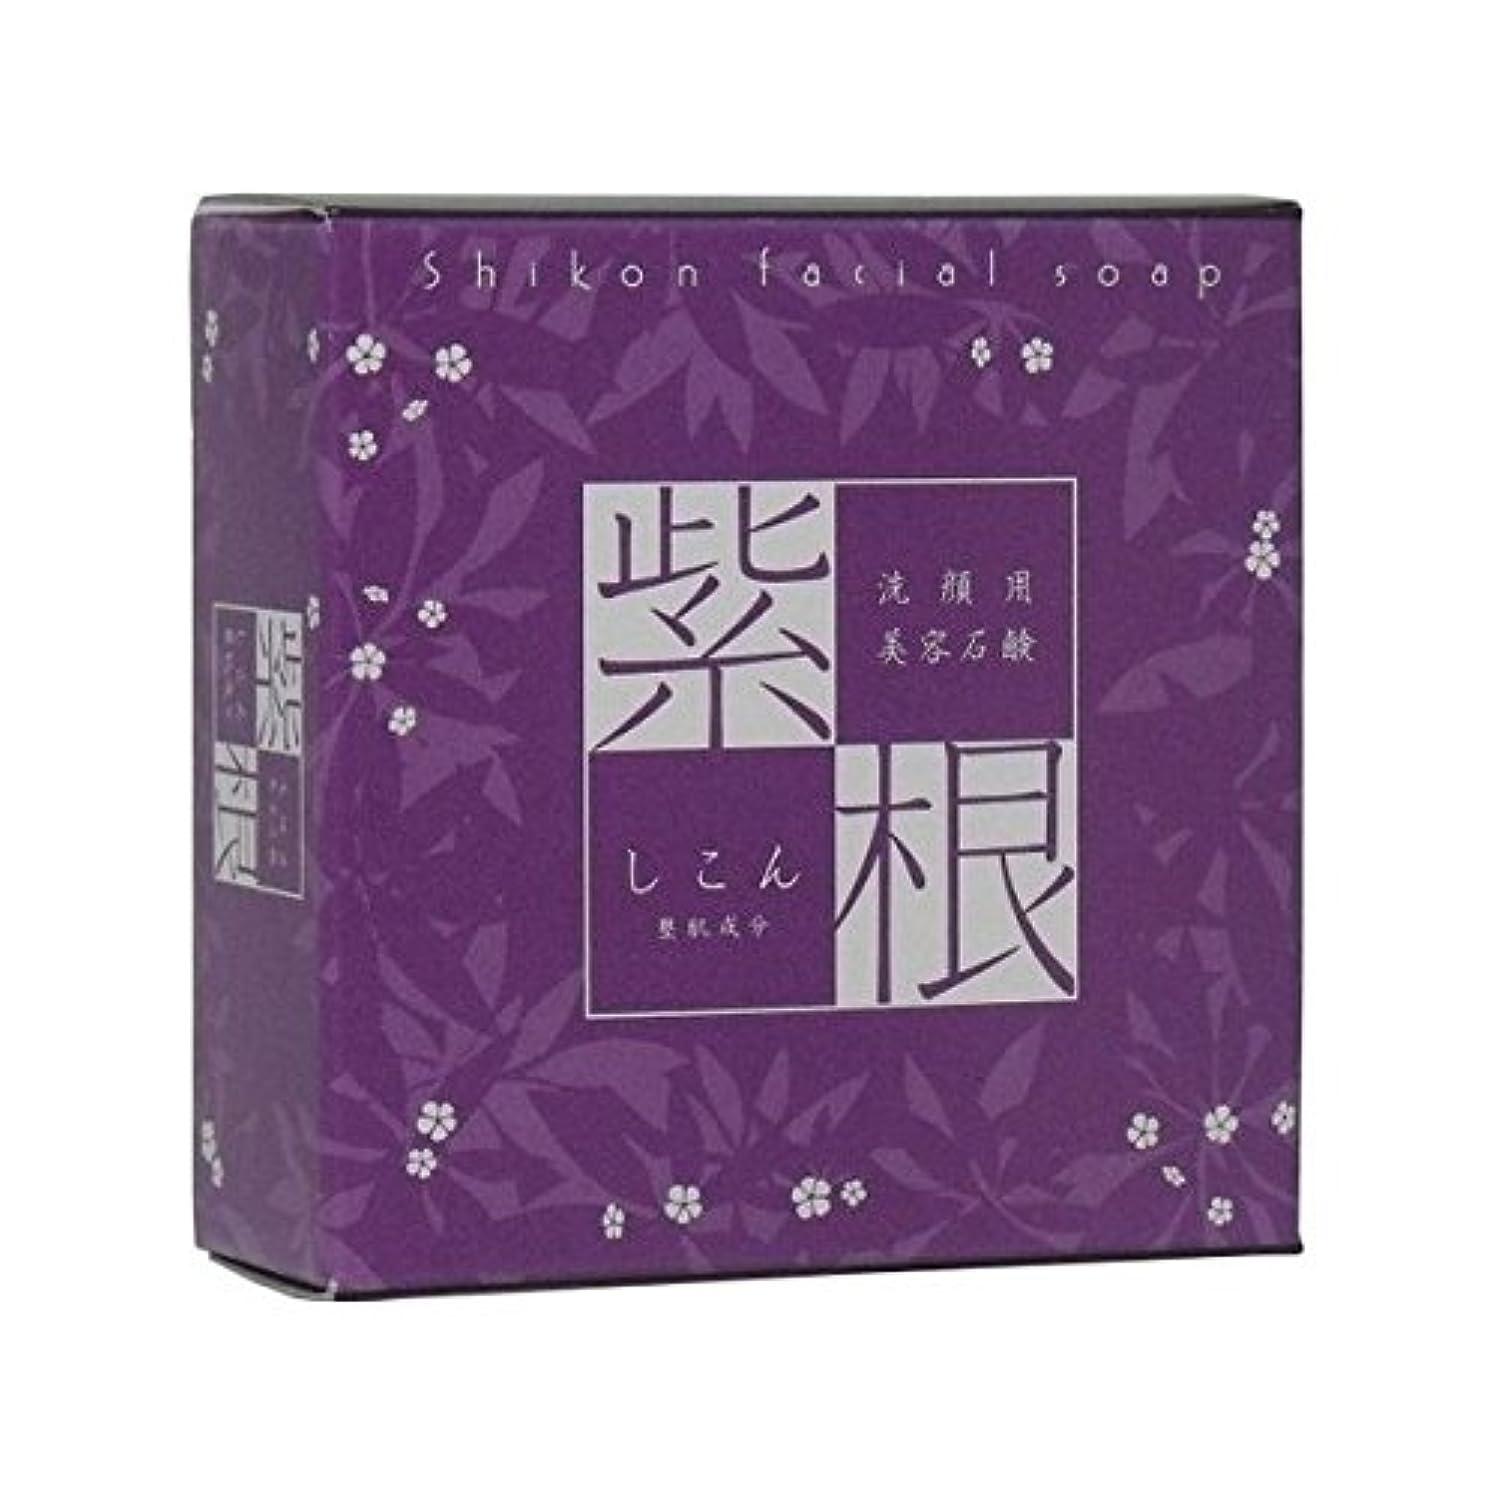 発揮するきちんとした同封する紫根石鹸110g(オリジナル泡立てネット付き)3個セット【魔女たちの22時で話題!】